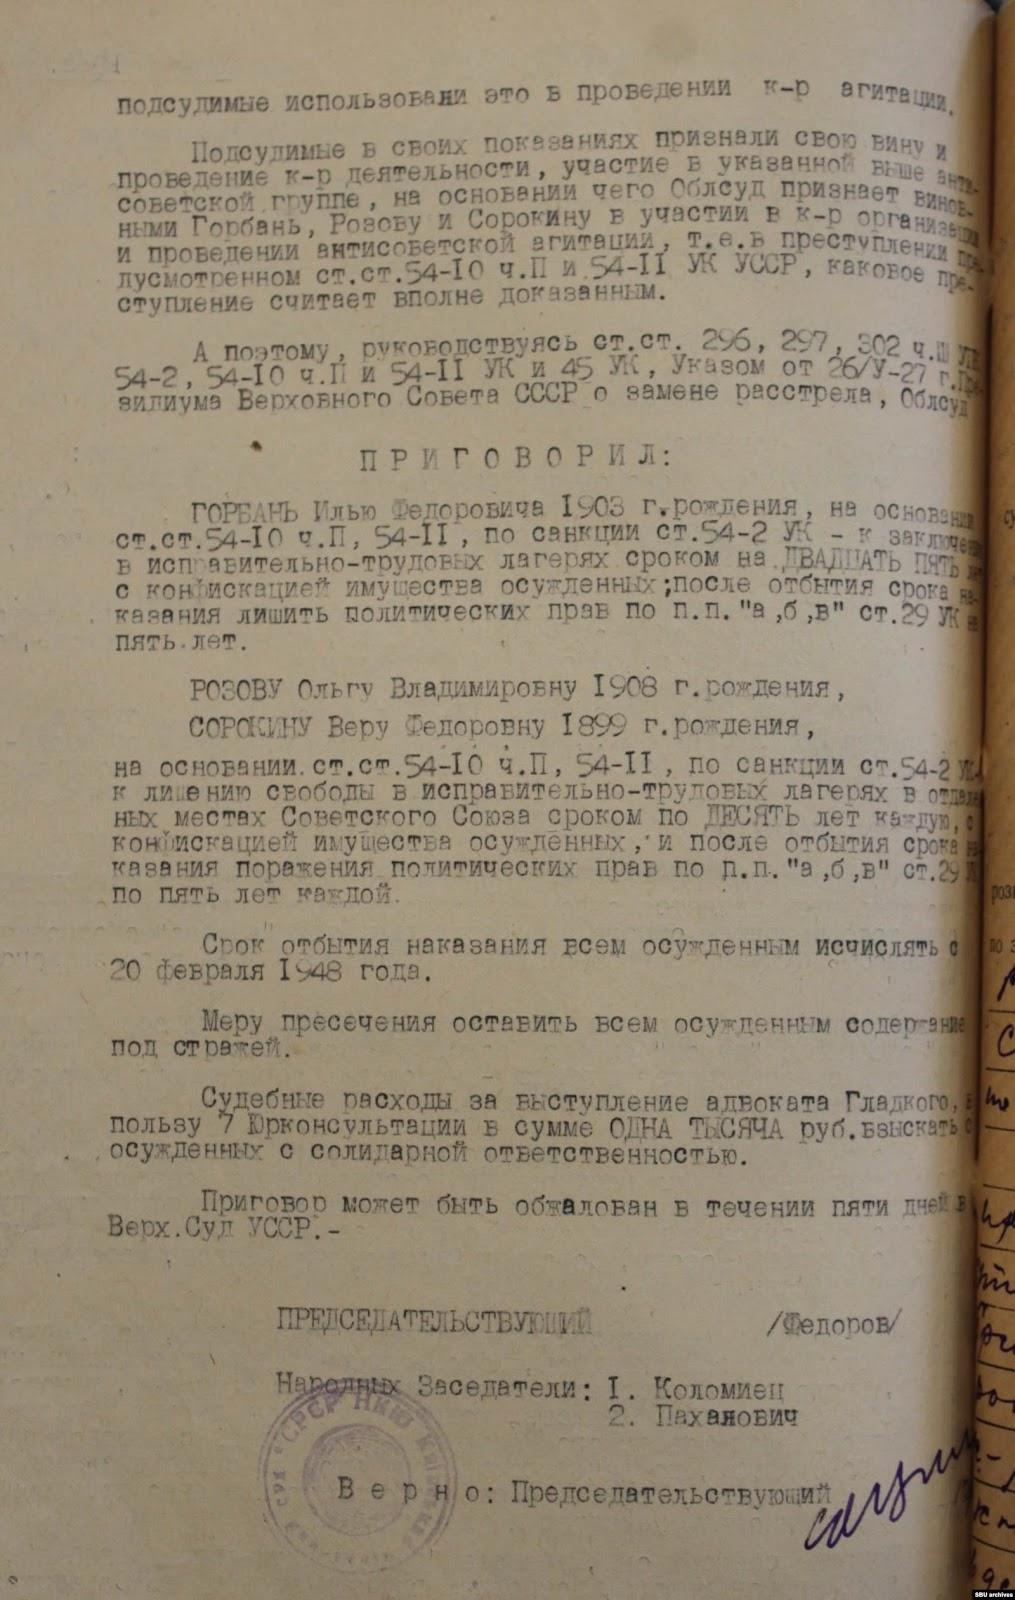 Приговор Горбаню, Розовой и Сорокиной. В ссылке на указ о замене расстрела (третий абзац) год указан с ошибкой – 27-й вместо 47-го